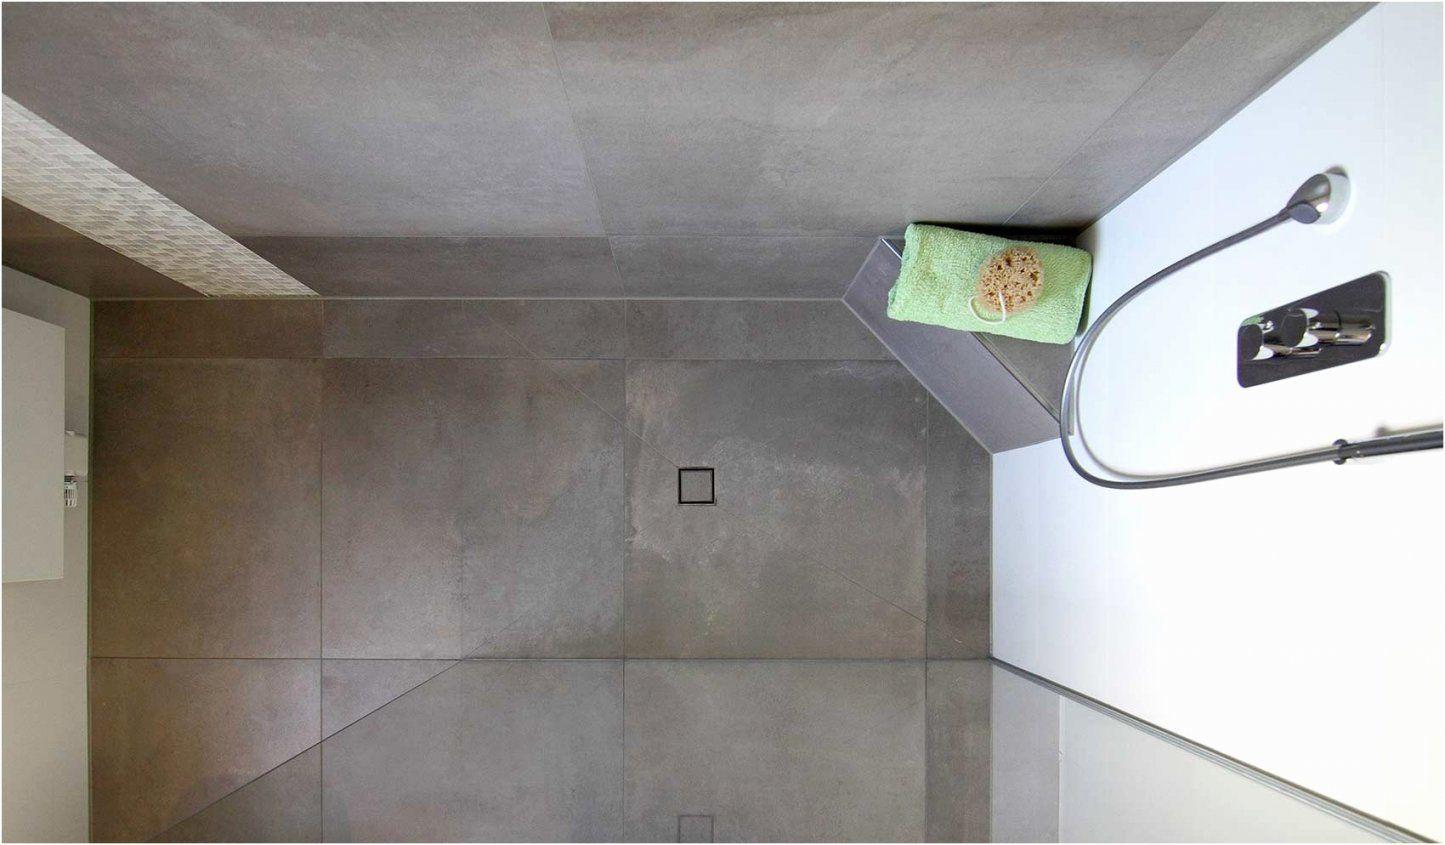 Begehbare dusche mit sitzbank mit sitzbank dusche selber bauen ld11 von sitzbank dusche selber - Dusche ebenerdig bauen ...